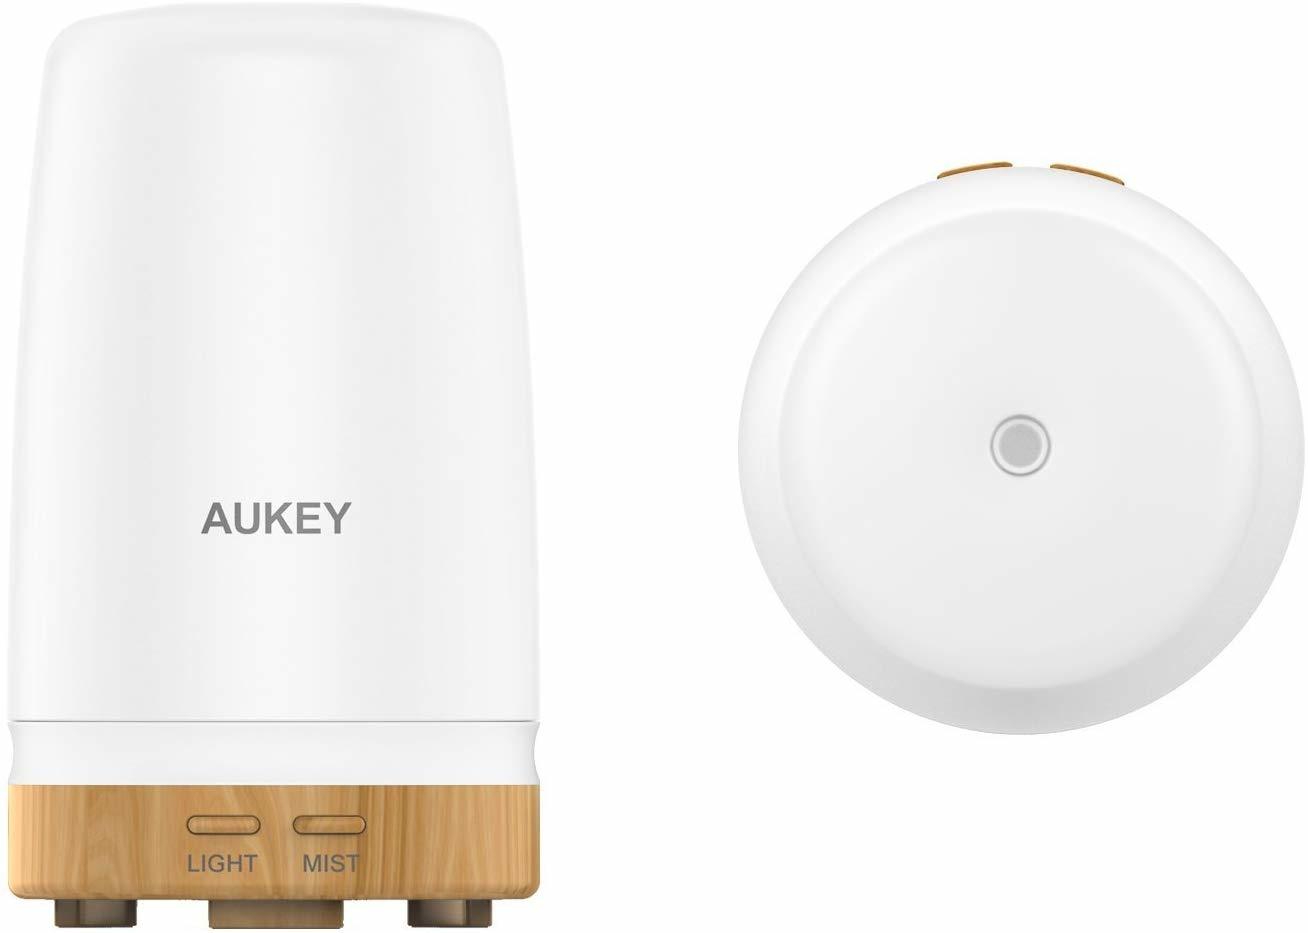 AUKEY etherische oliediffuser, 100 ml matglazen ultrasone diffuser voor aromatherapie, draagbare luchtbevochtiger met kleurveranderende led-verlichting en automatische uitschakeling